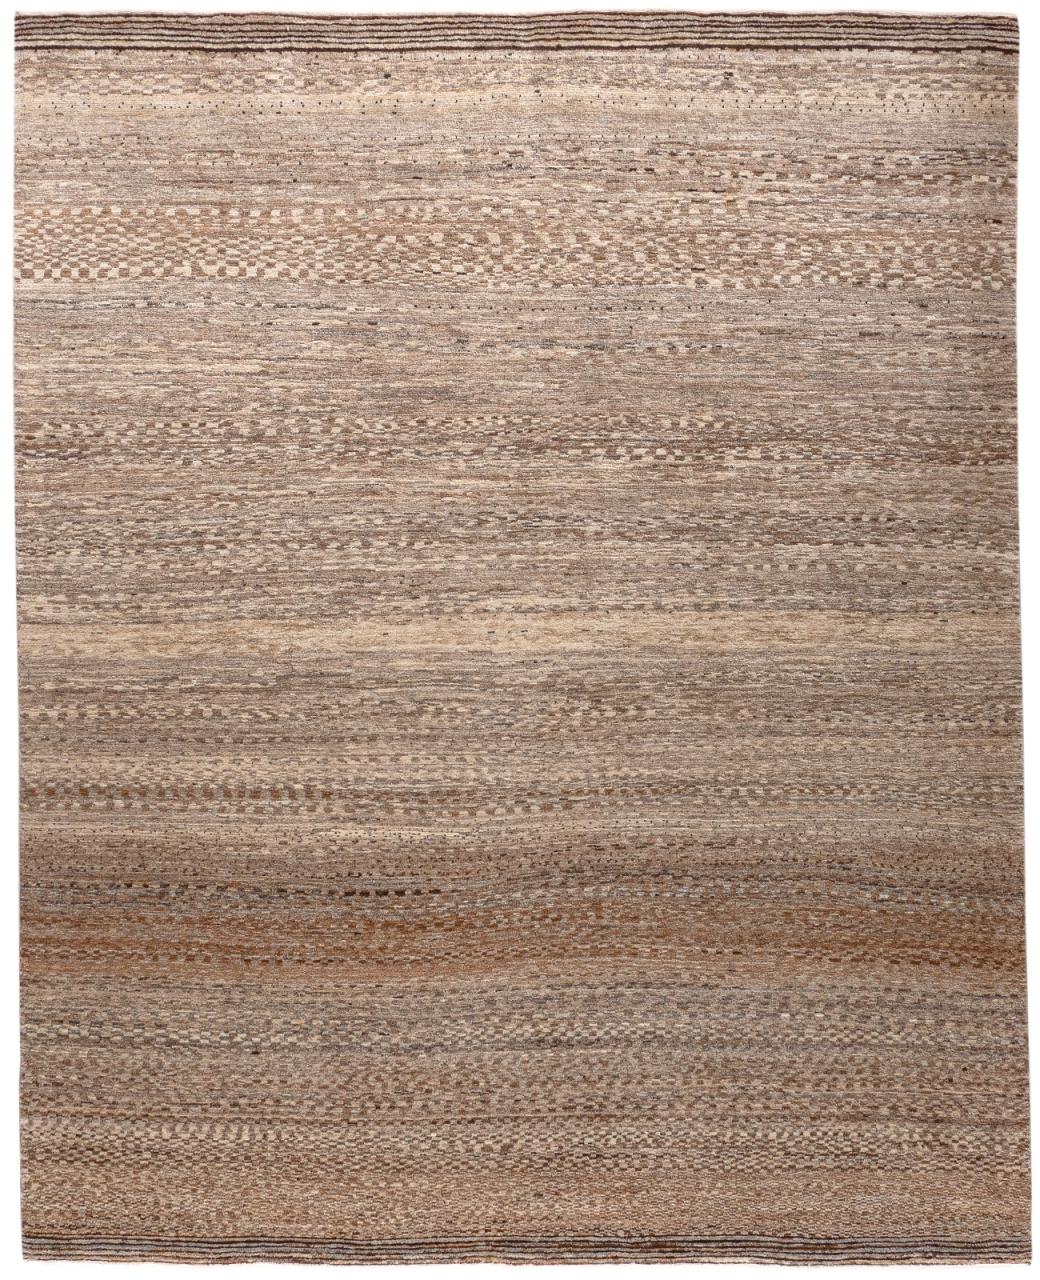 Iran Gabbeh Teppich-Unikat Nature Sand